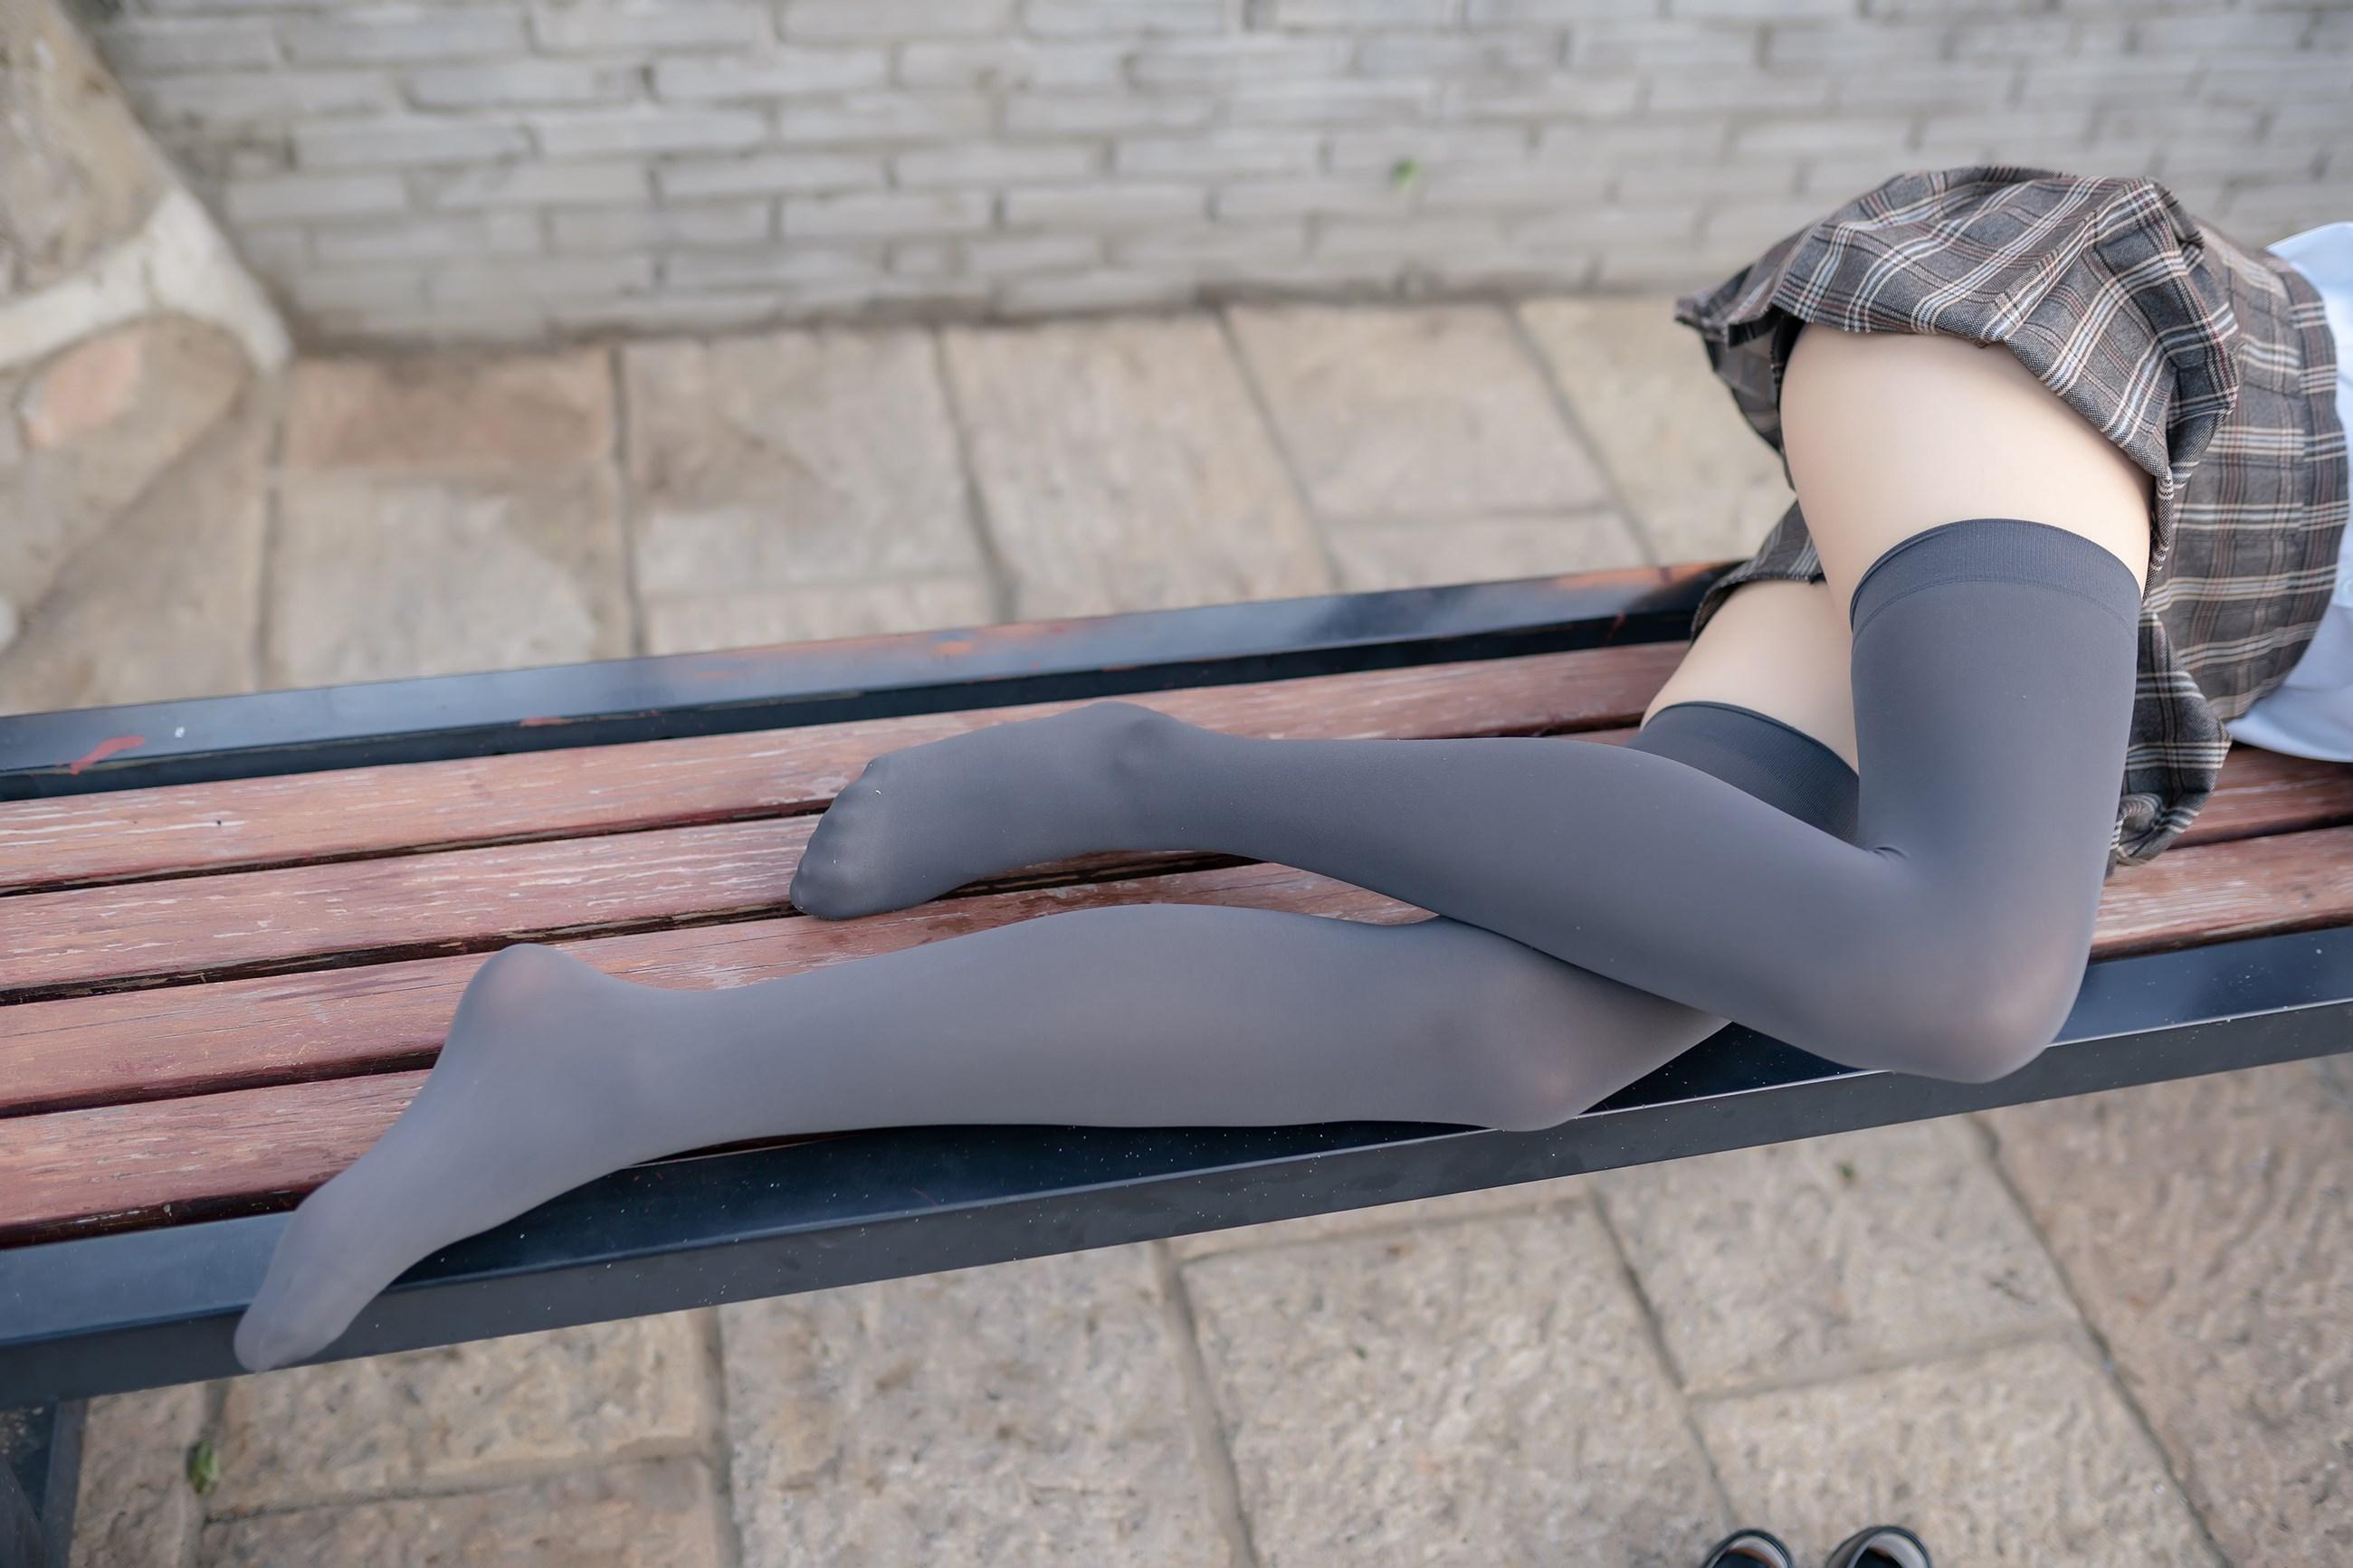 【兔玩映画】这个腿也太棒了吧! 兔玩映画 第22张